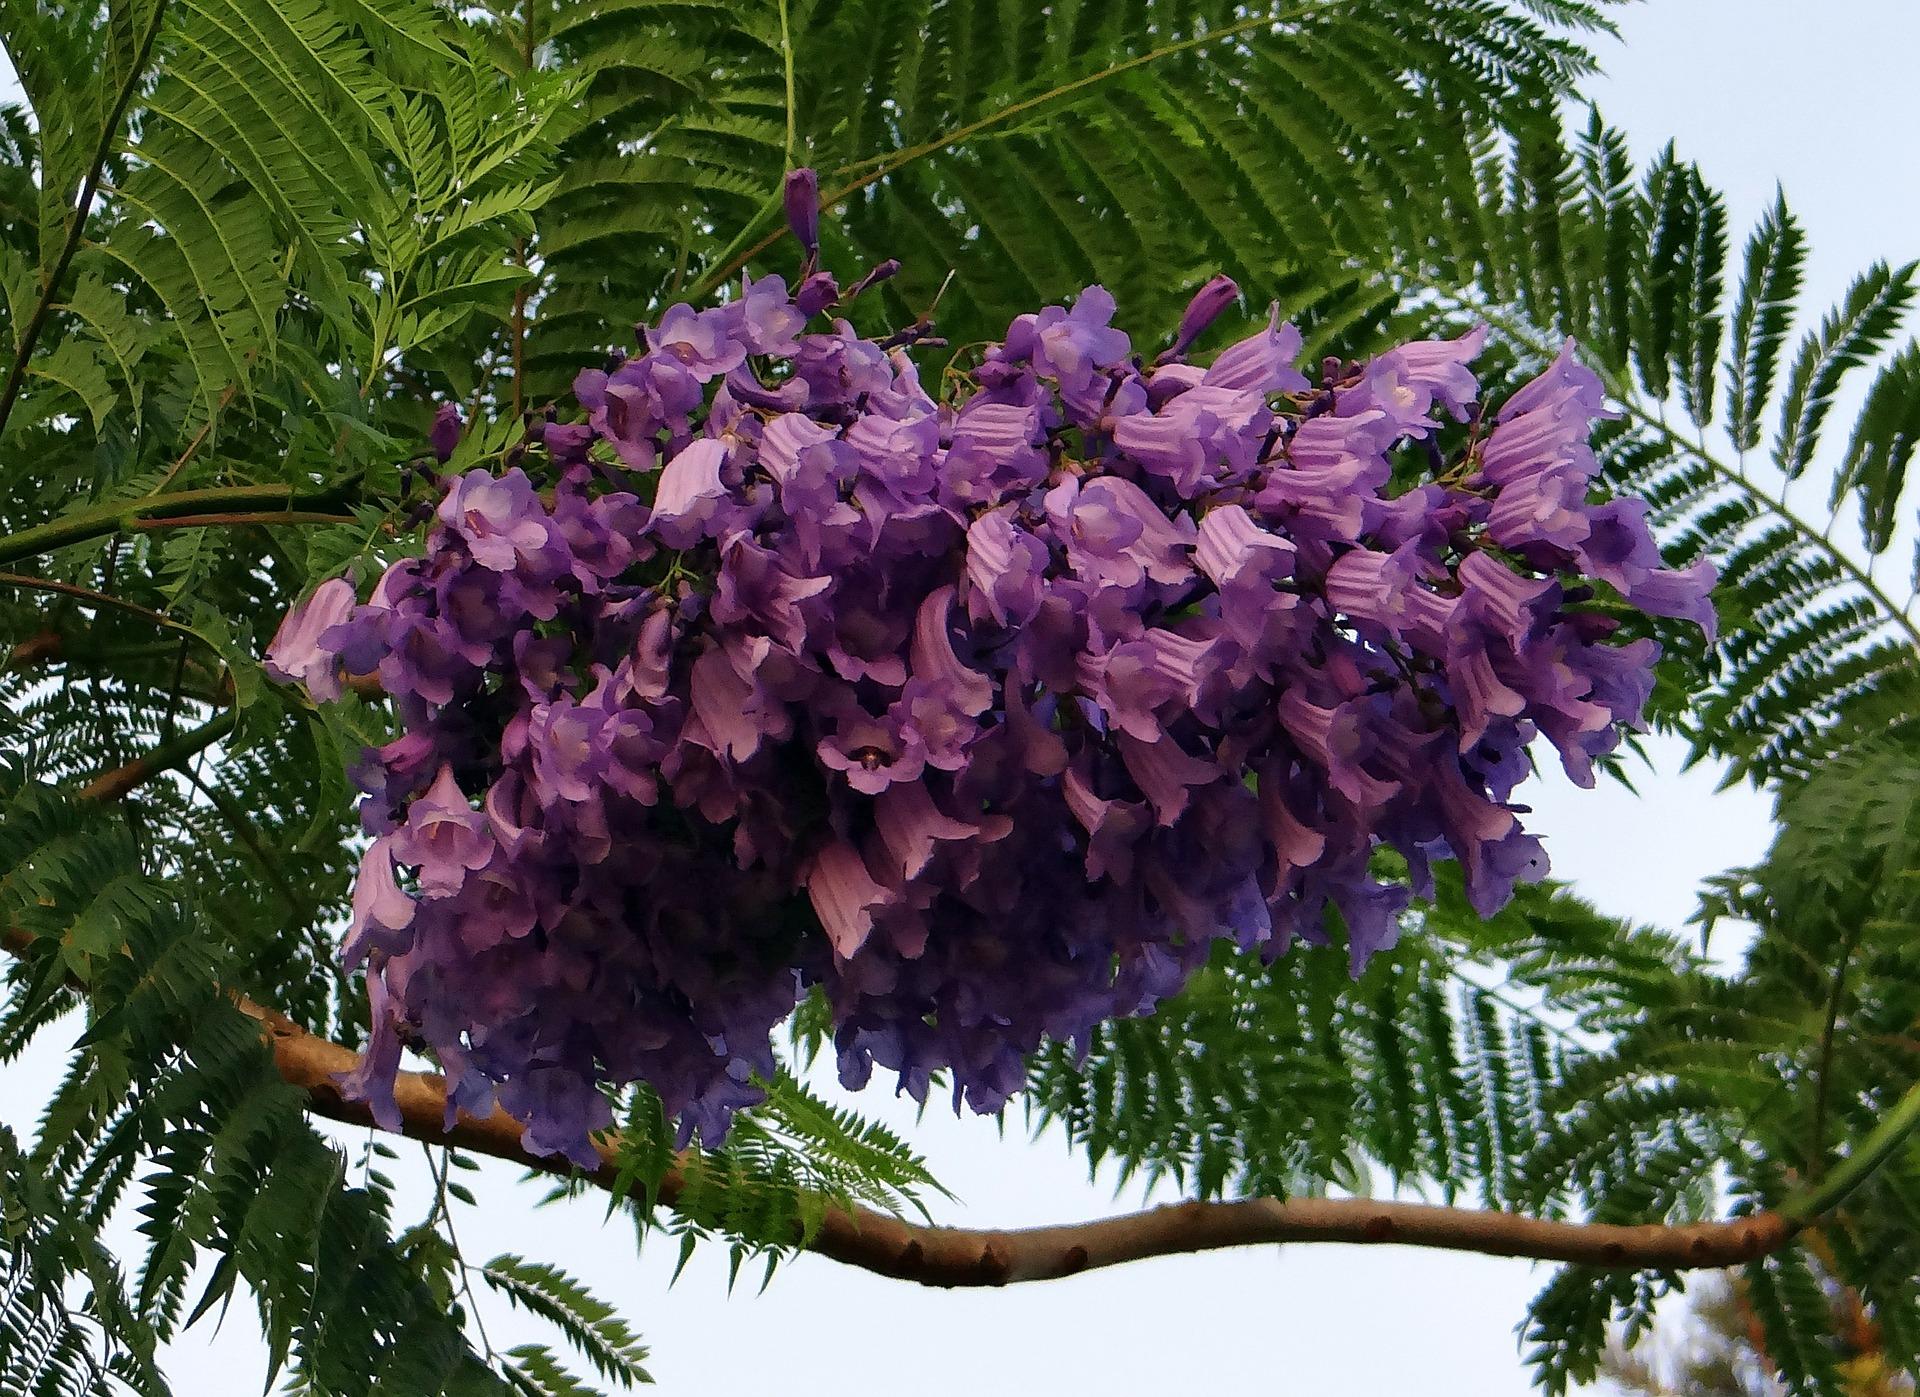 жакаранда мимозолистная jacaranda-mimosifolia